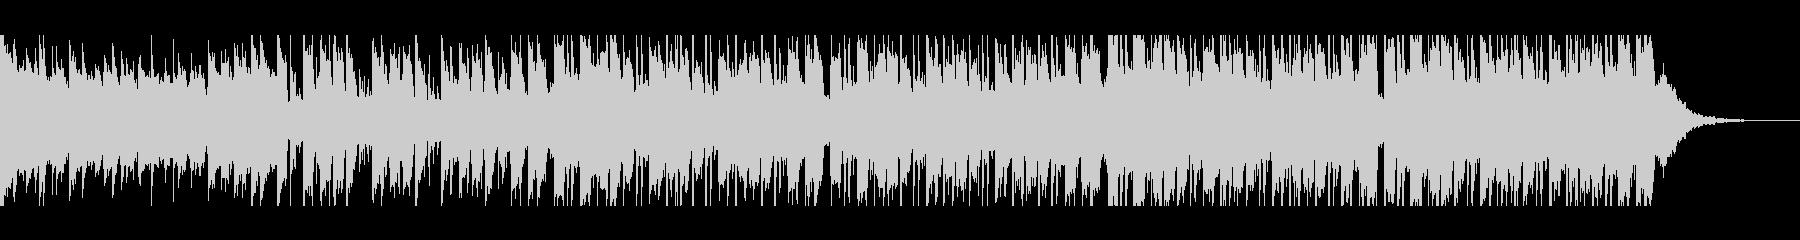 幸せなラマダン(60秒)の未再生の波形